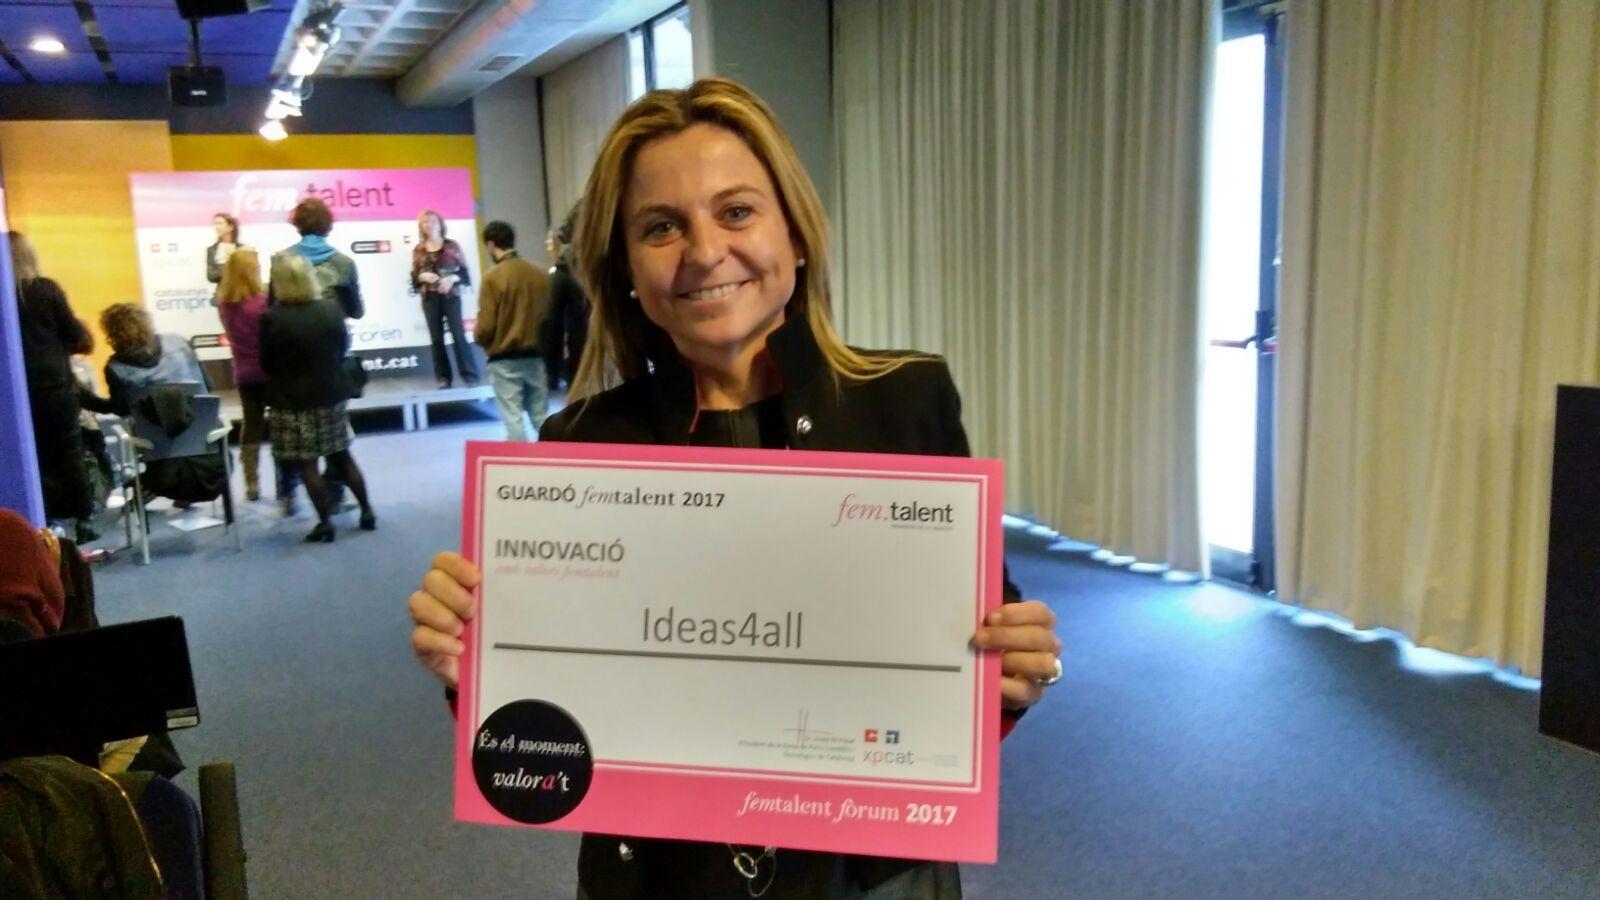 premio femtalent 2017 en la categoría de innovación